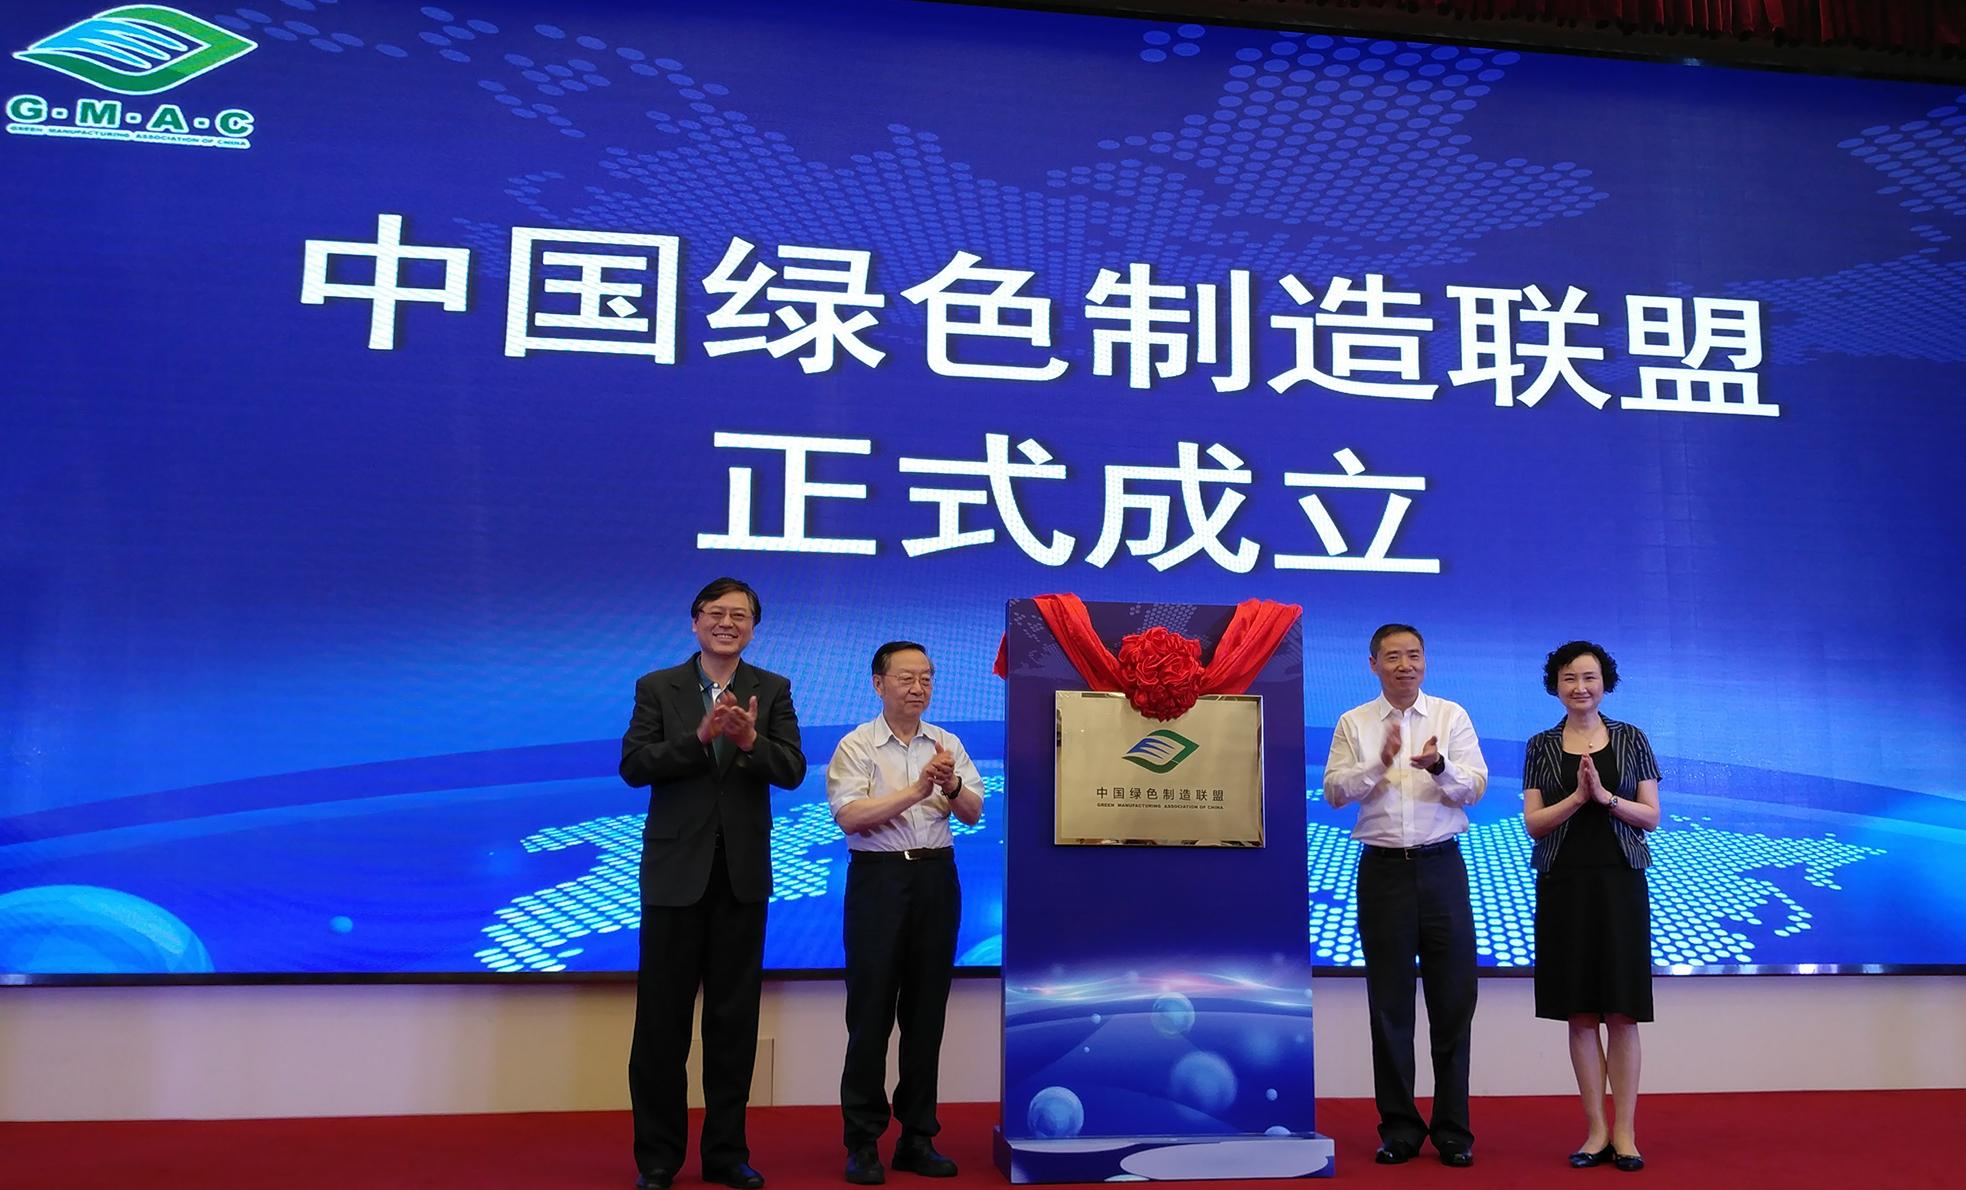 联想杨元庆:推进绿色制造是提升竞争力的必然选择